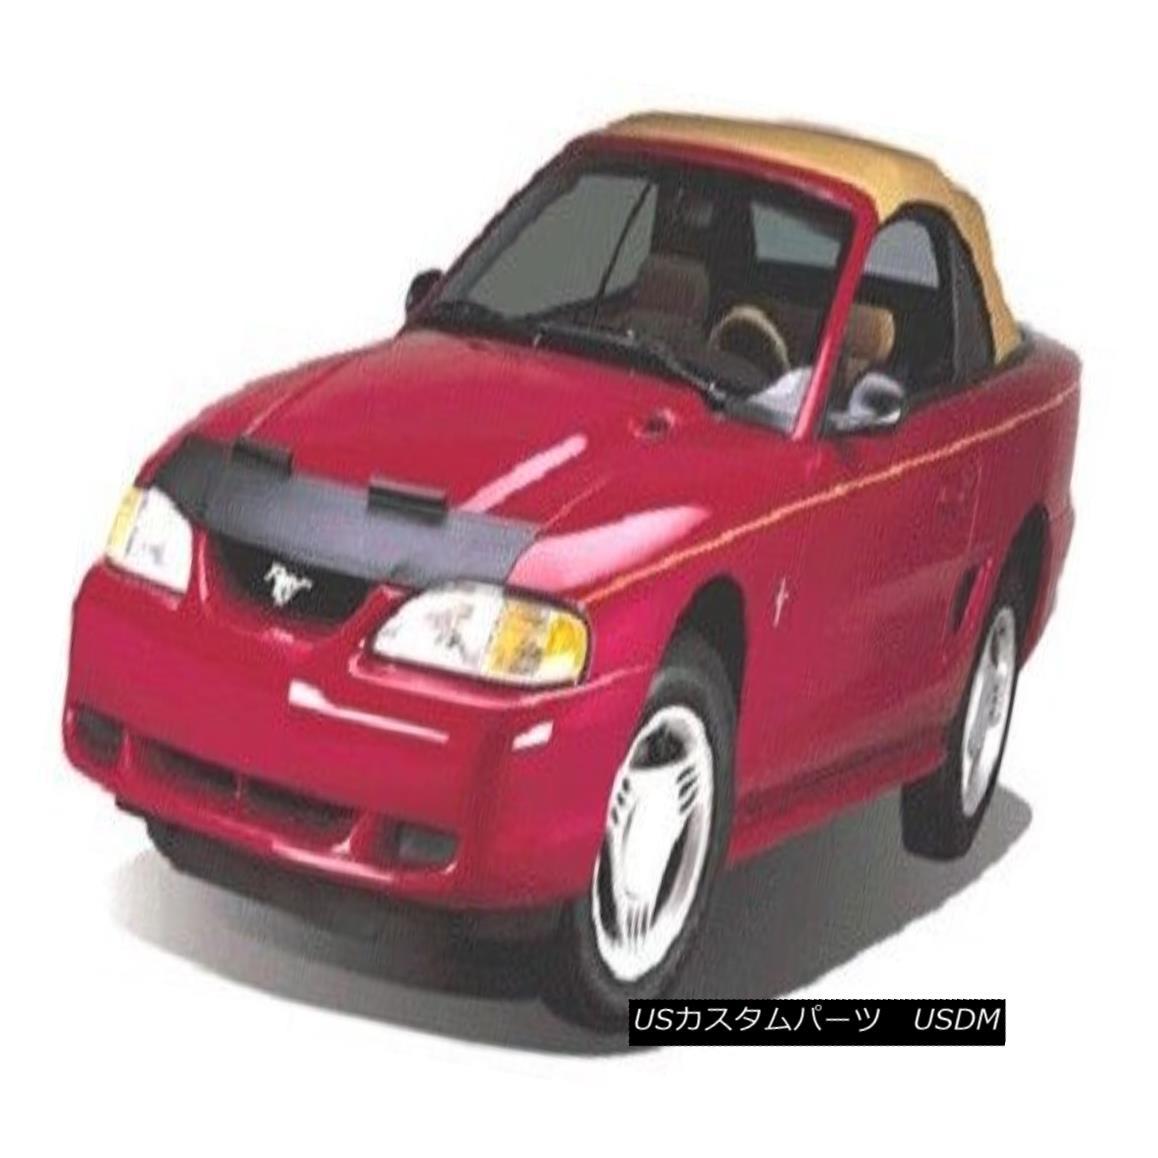 フルブラ ノーズブラ Lebra Hood Protector Mini Mask Bra Fits 2008-2012 Chevy Malibu & Malibu Hybrid Lebraフードプロテクターミニマスクブラは2008-2012年に合うChevy Malibu& マリブハイブリッド